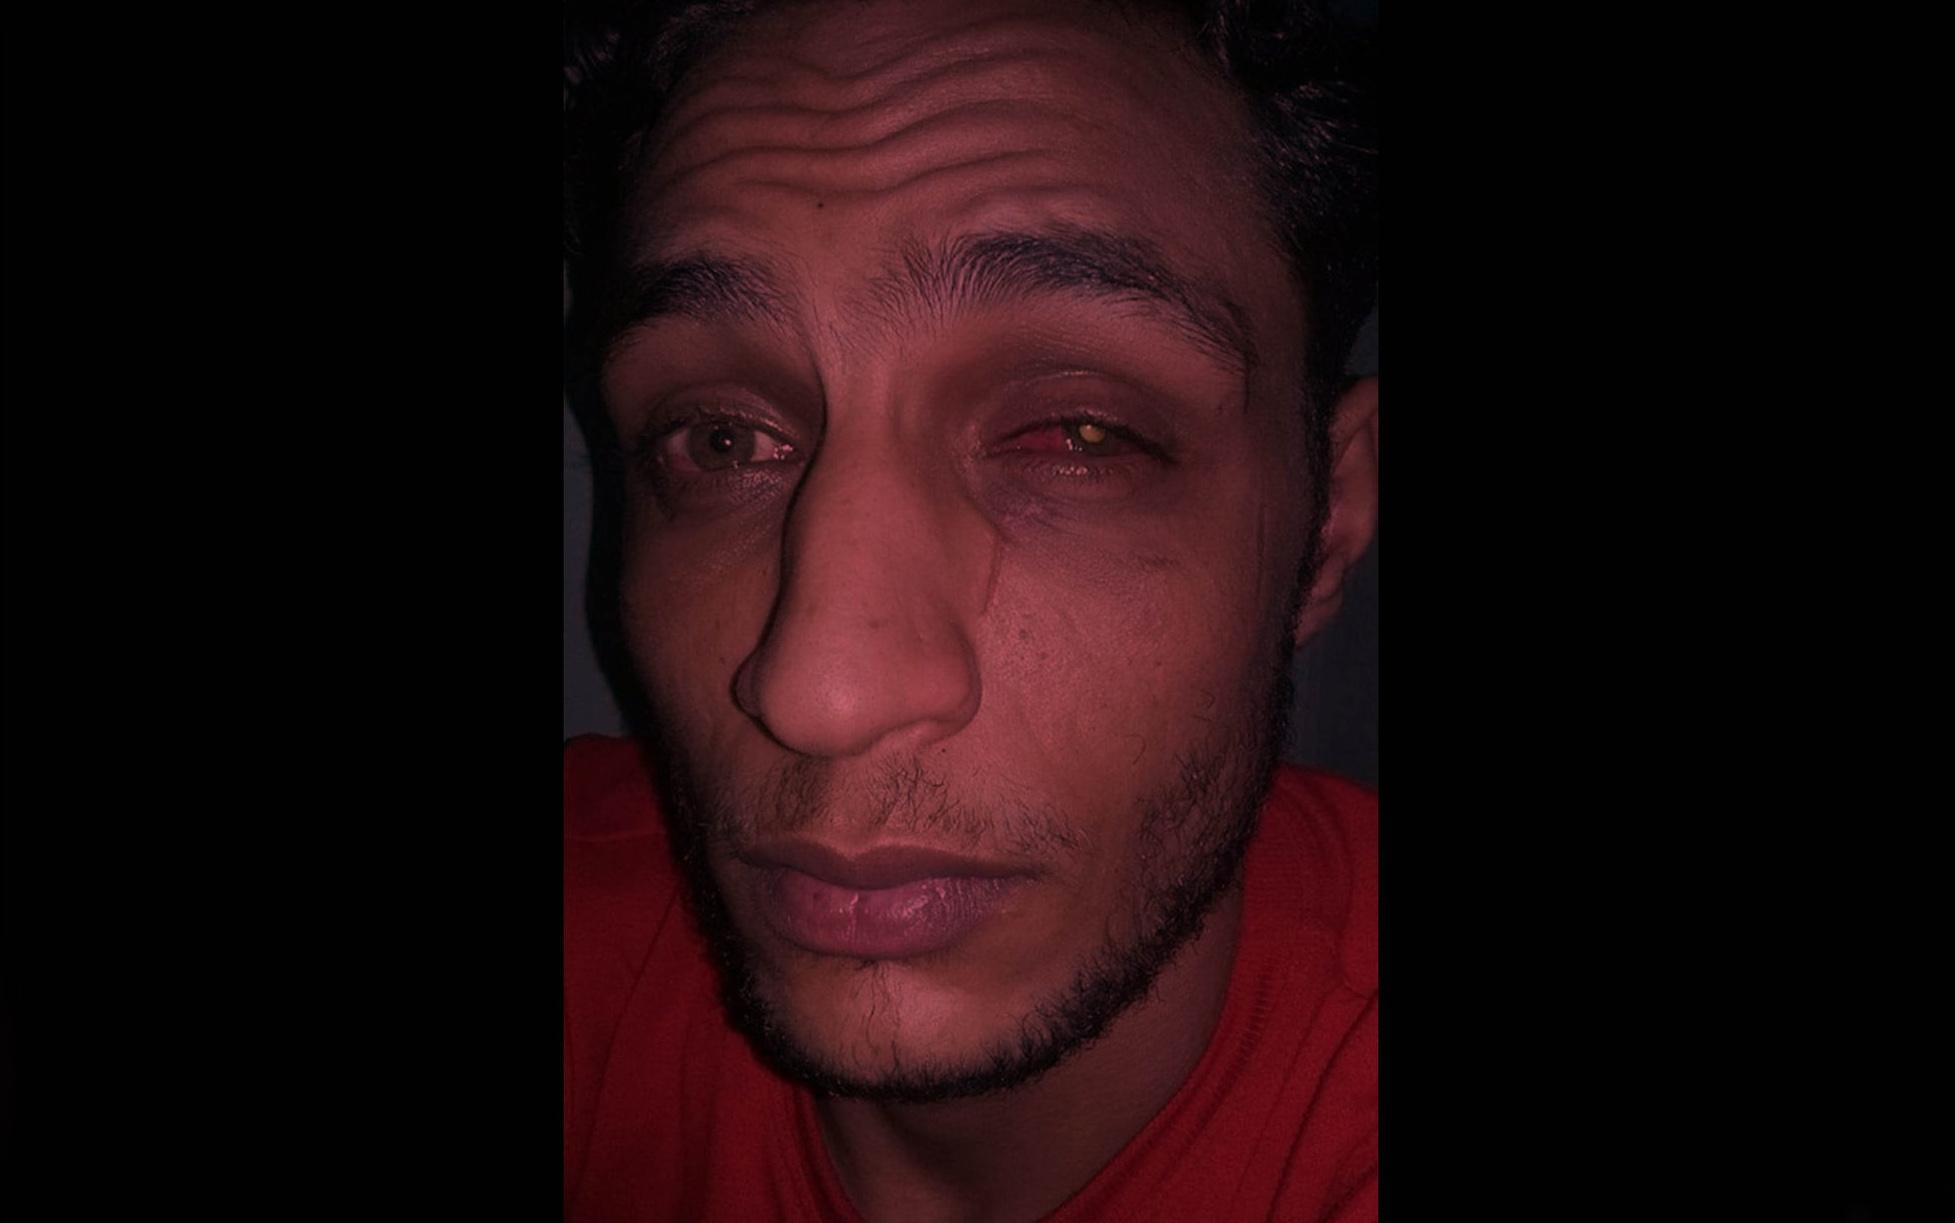 حكم مخفف بالحبس 6 أشهر ضد شرطي قام بتعذيب سجين مما أفقده البصر في إحدى عينيه